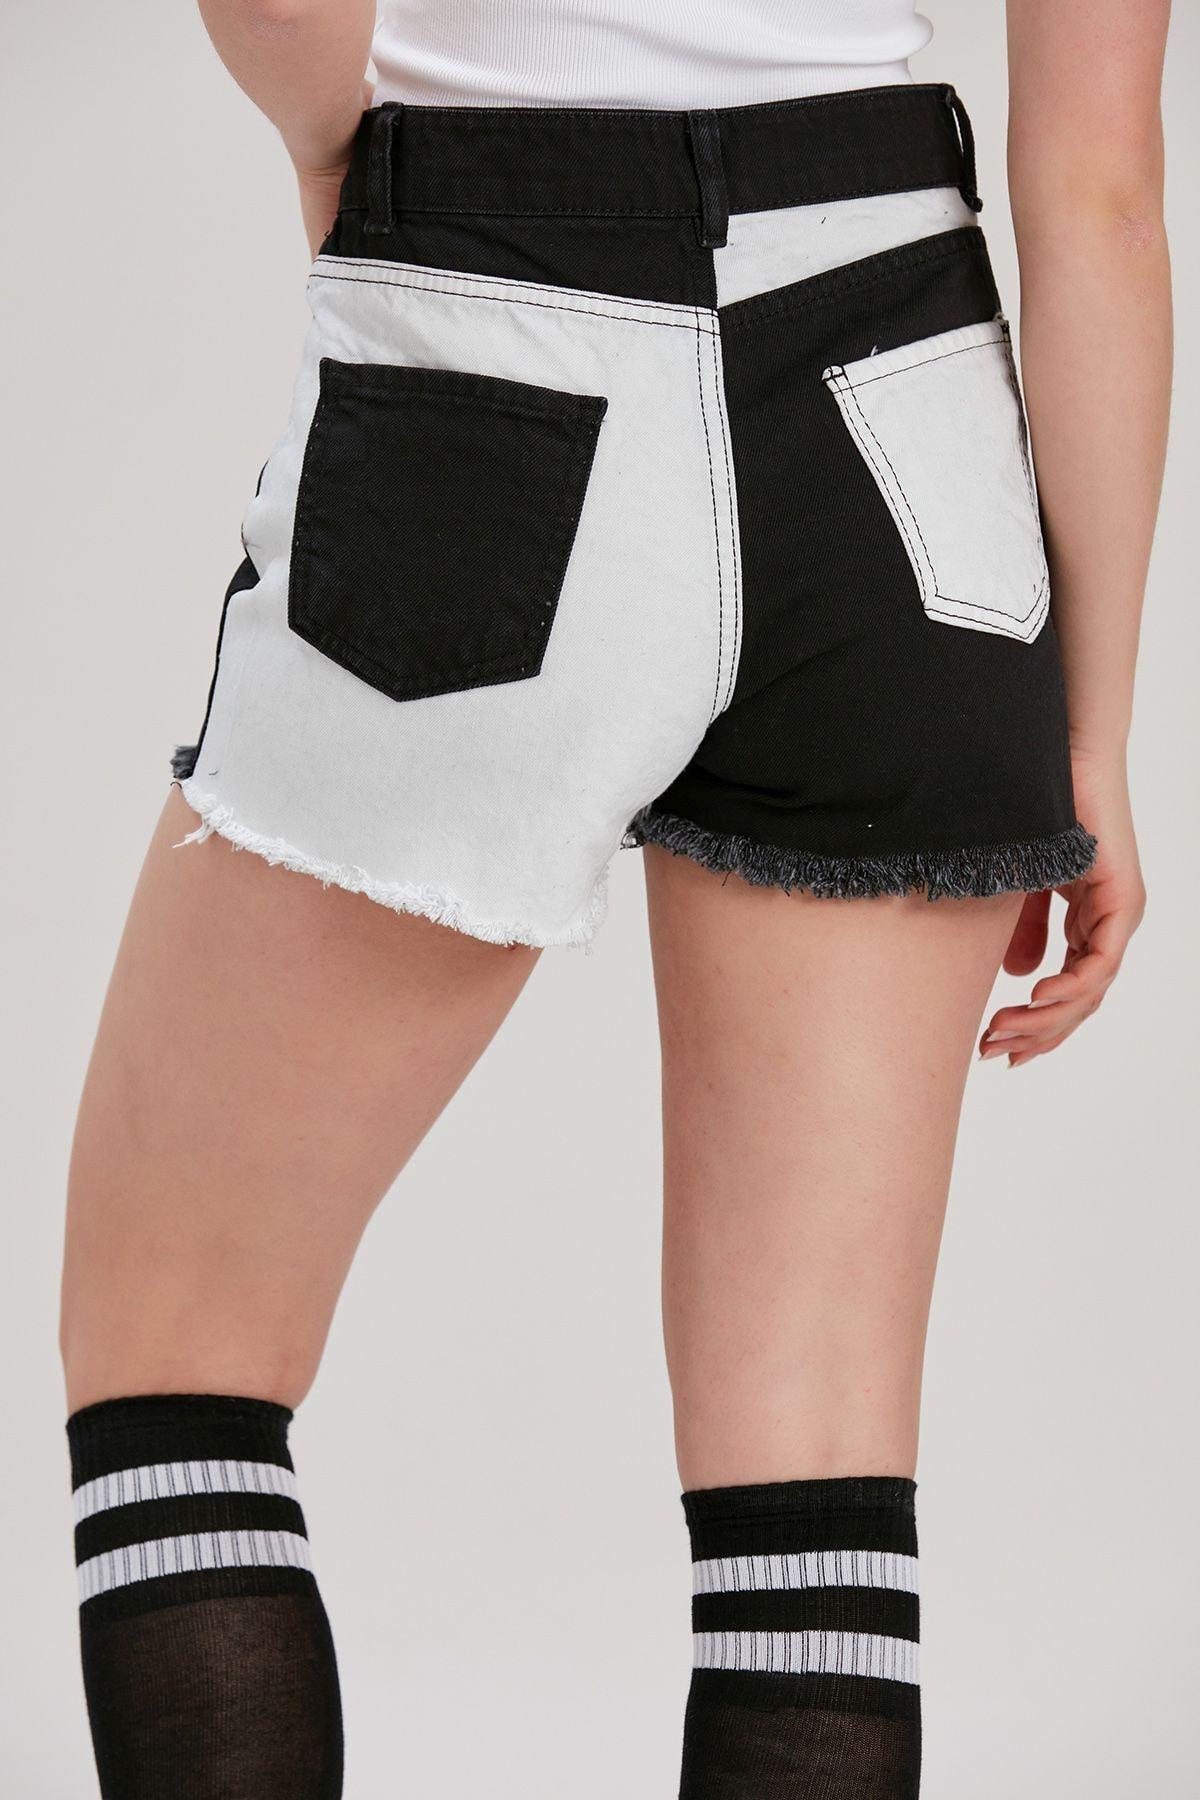 Y-London Kadın Siyah-Beyaz Renk Bloklu Kot Şort YL-PN99853 3